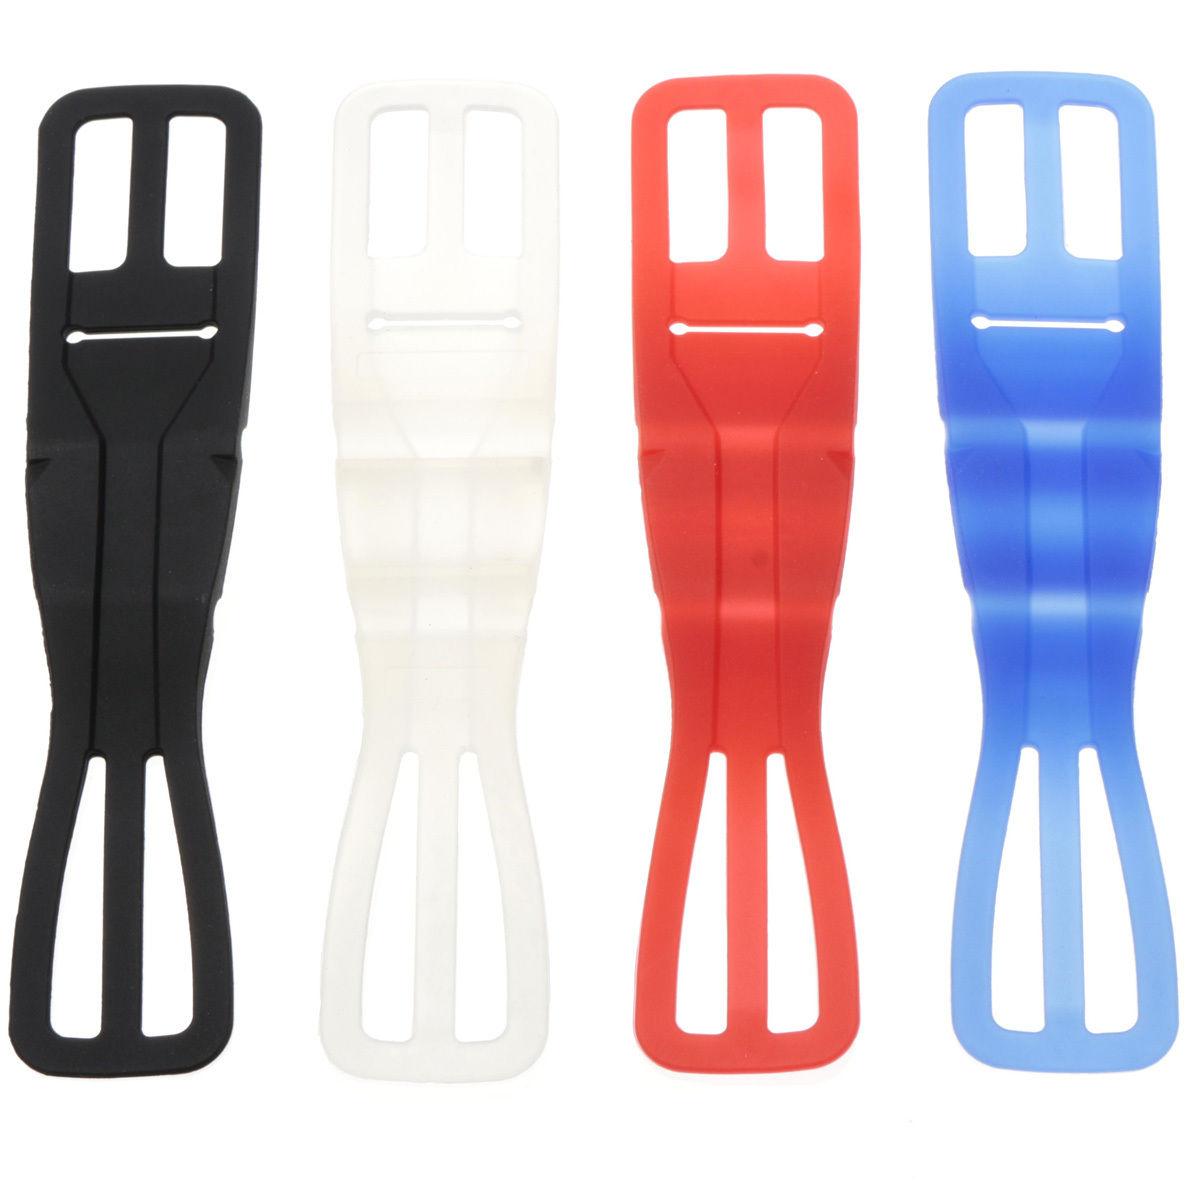 Universalus silikono elastinių dviračių motociklų laikiklis, skirtas mobiliajam telefonui